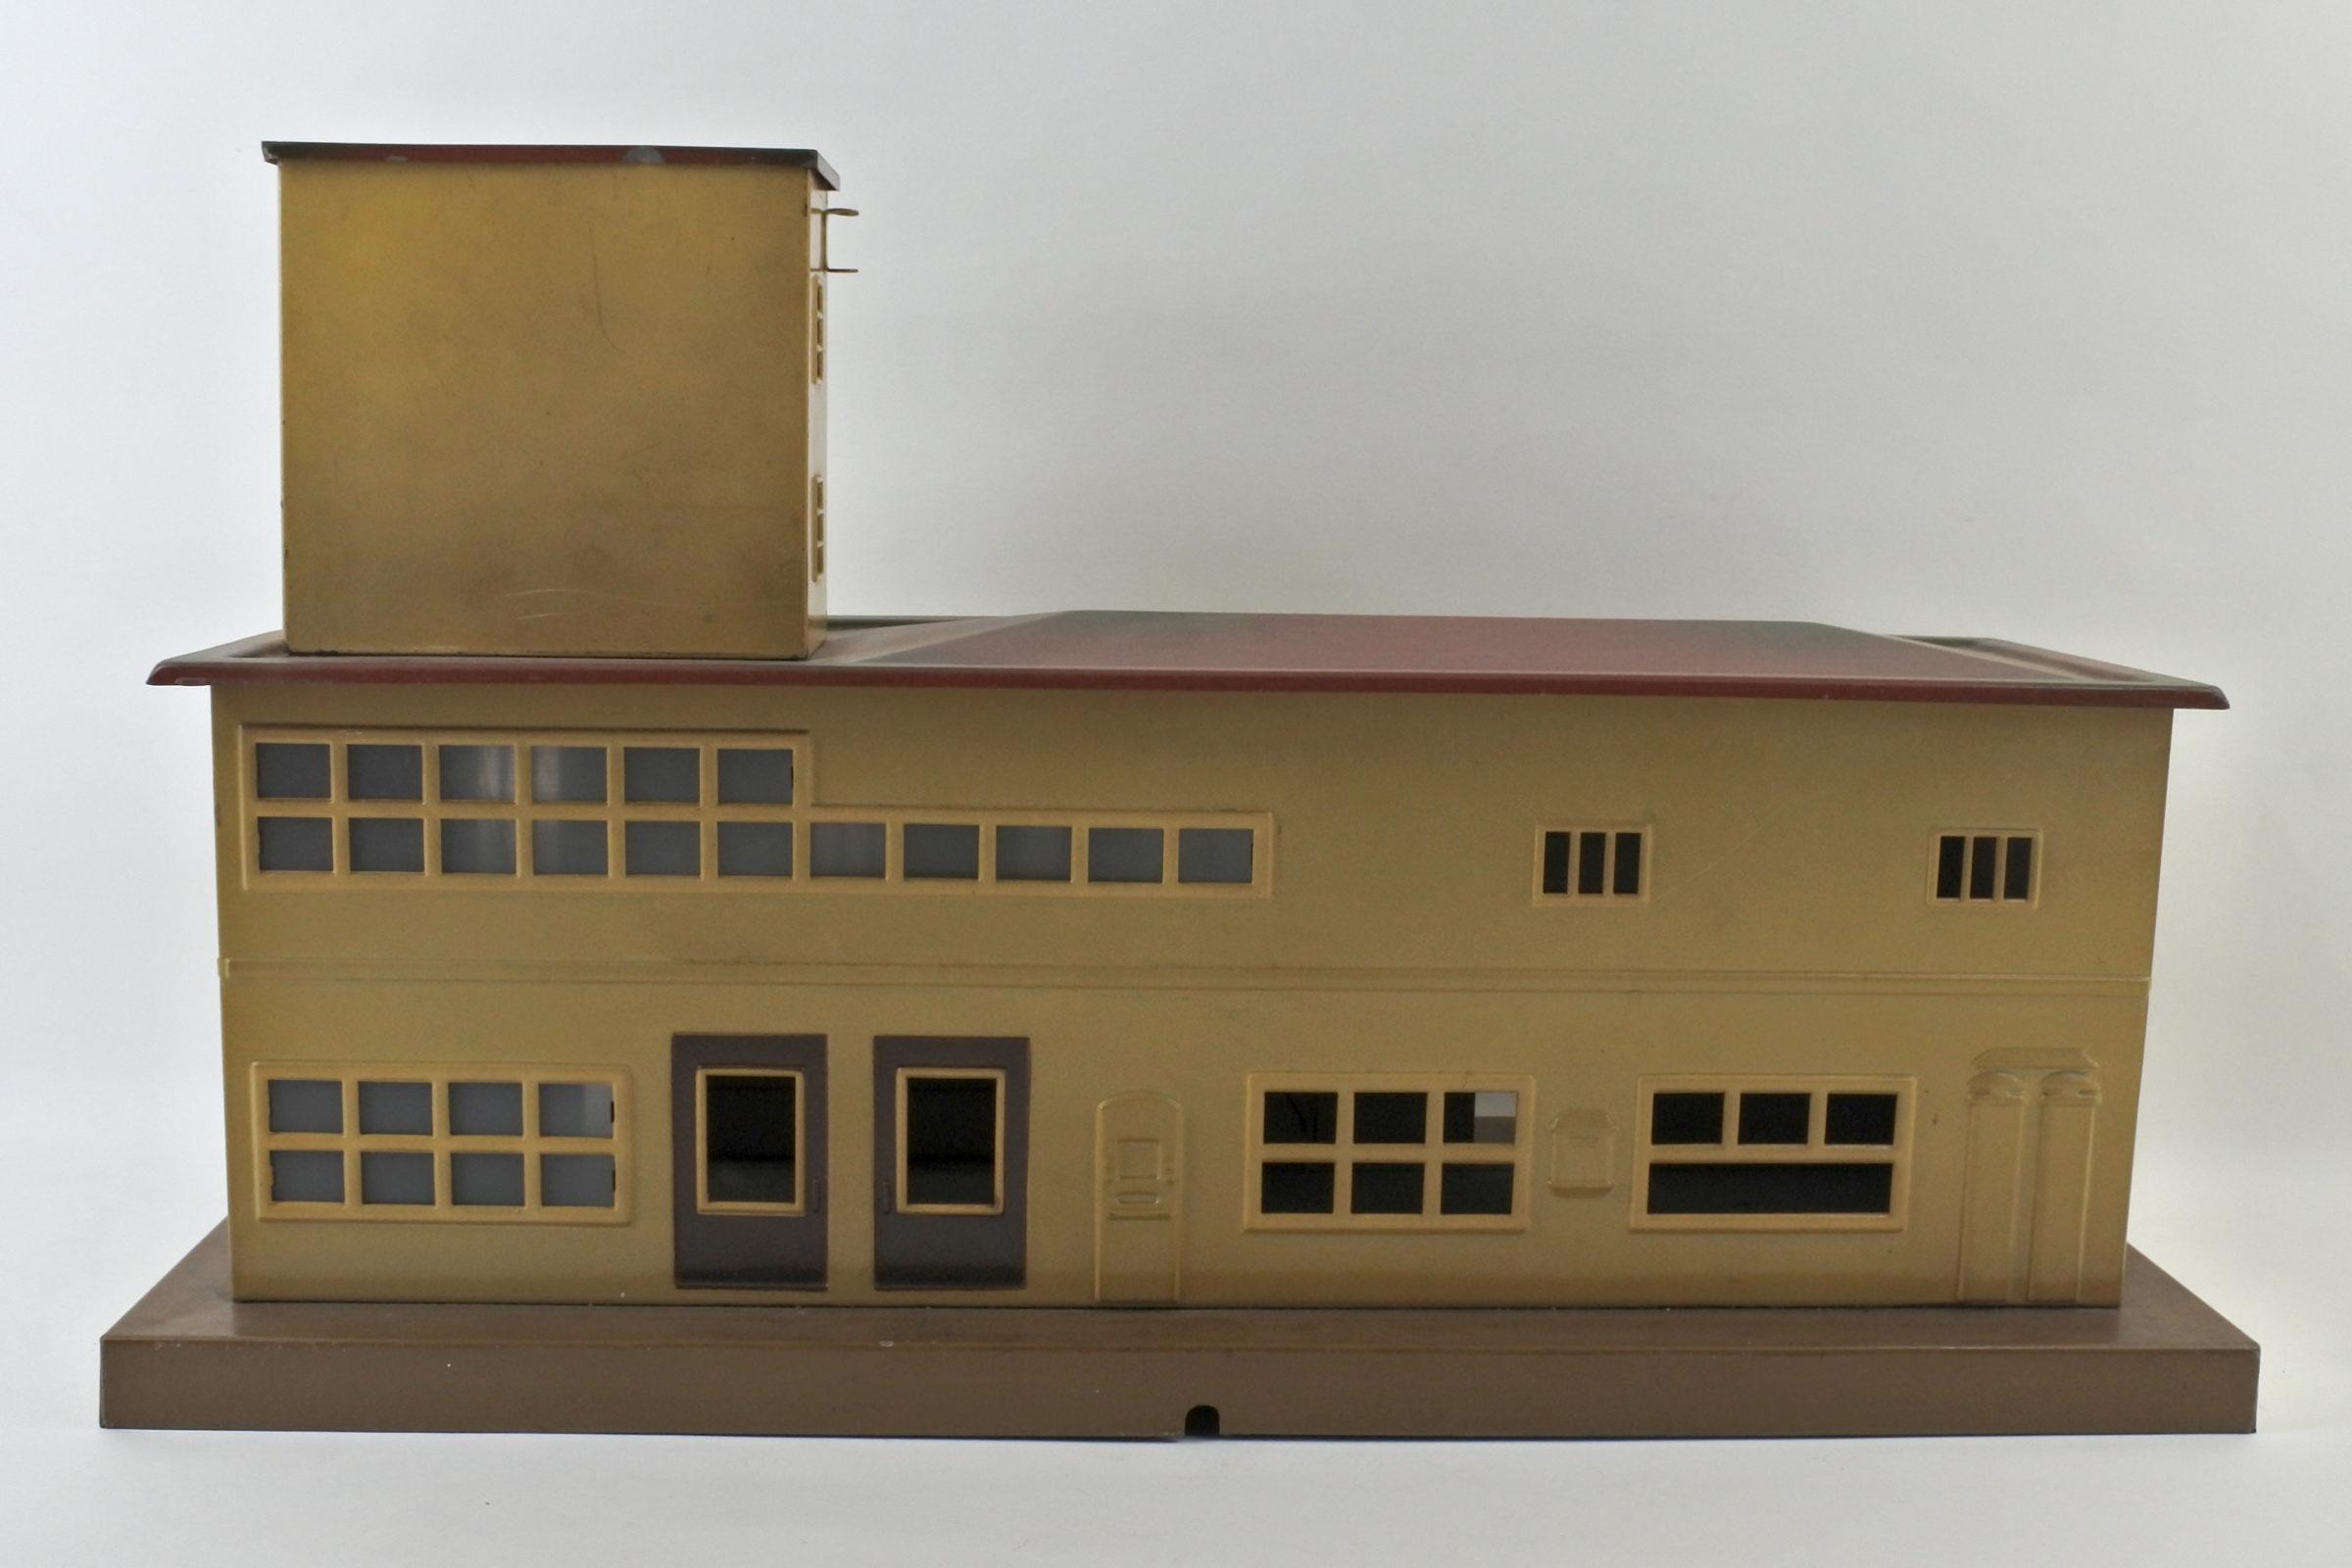 Antica stazione dei treni in latta policroma - Marklin - 2